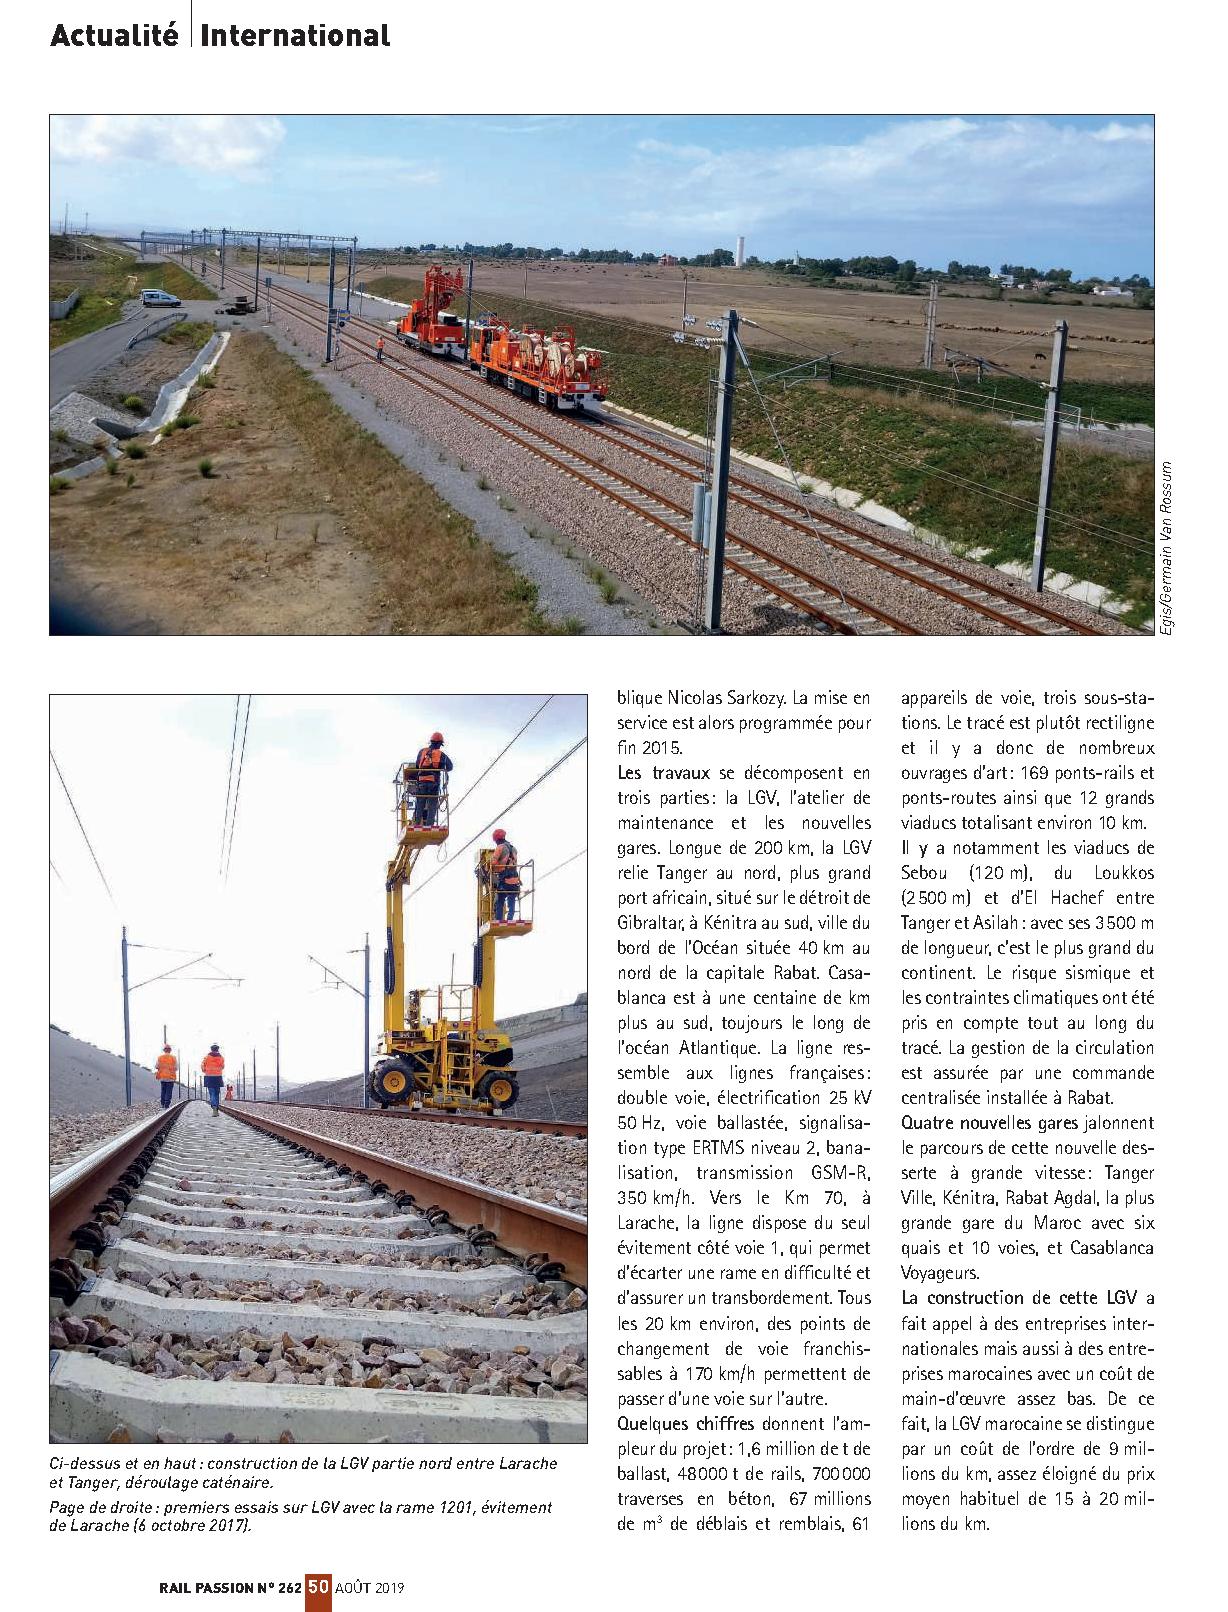 Chemins de Fer au Maroc - ONCF  - Page 3 49531552638_c6c0a8706d_o_d